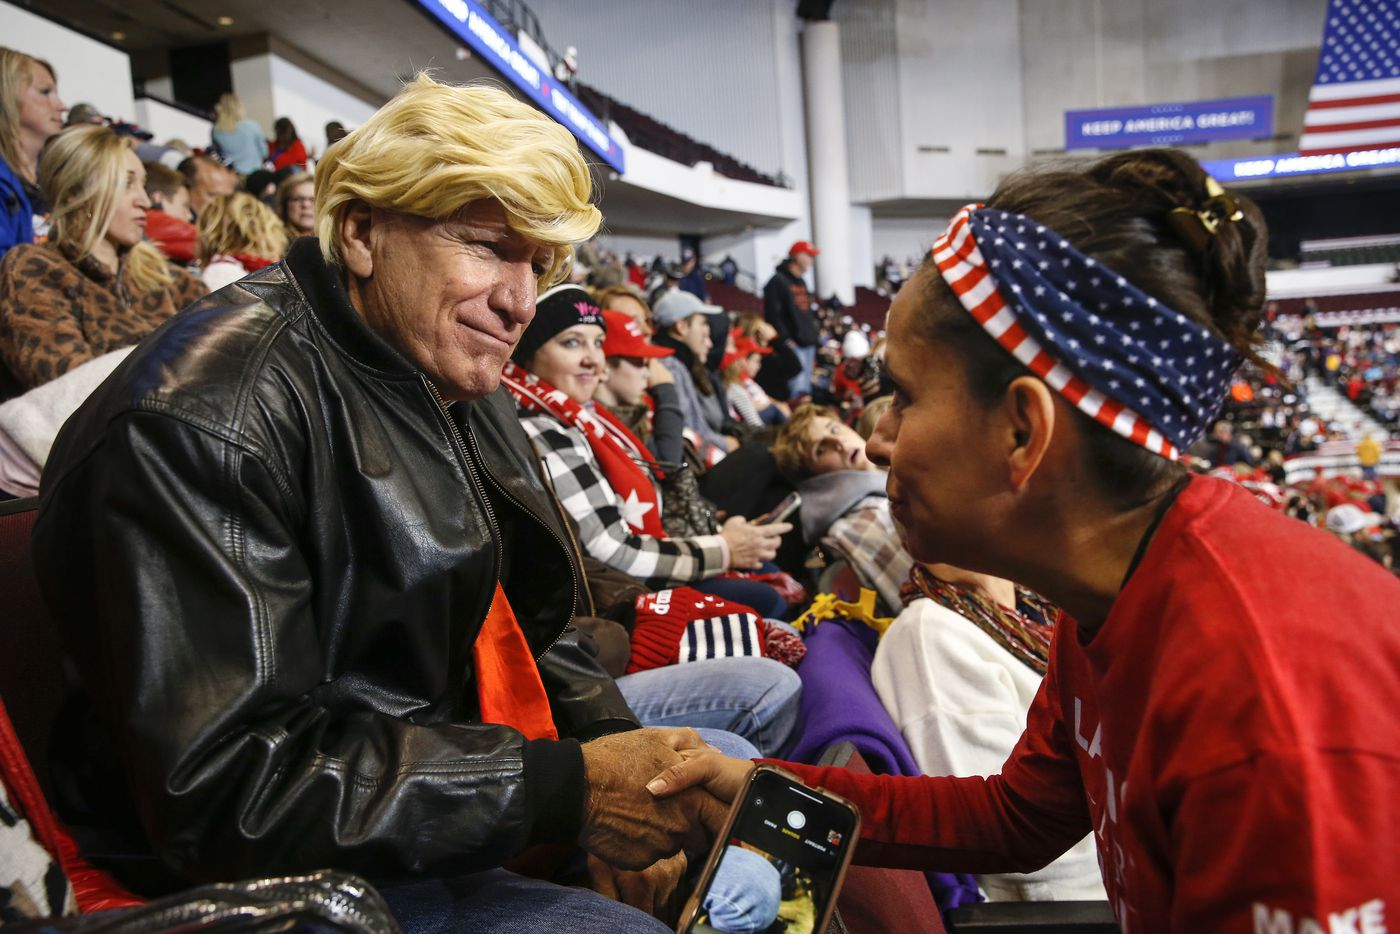 Martha Doss salue Eddie Barnes de Haughton, en Louisiane, vêtue d'une perruque Trump lors d'un rassemblement pour réélire le président Donald Trump à Bossier City.